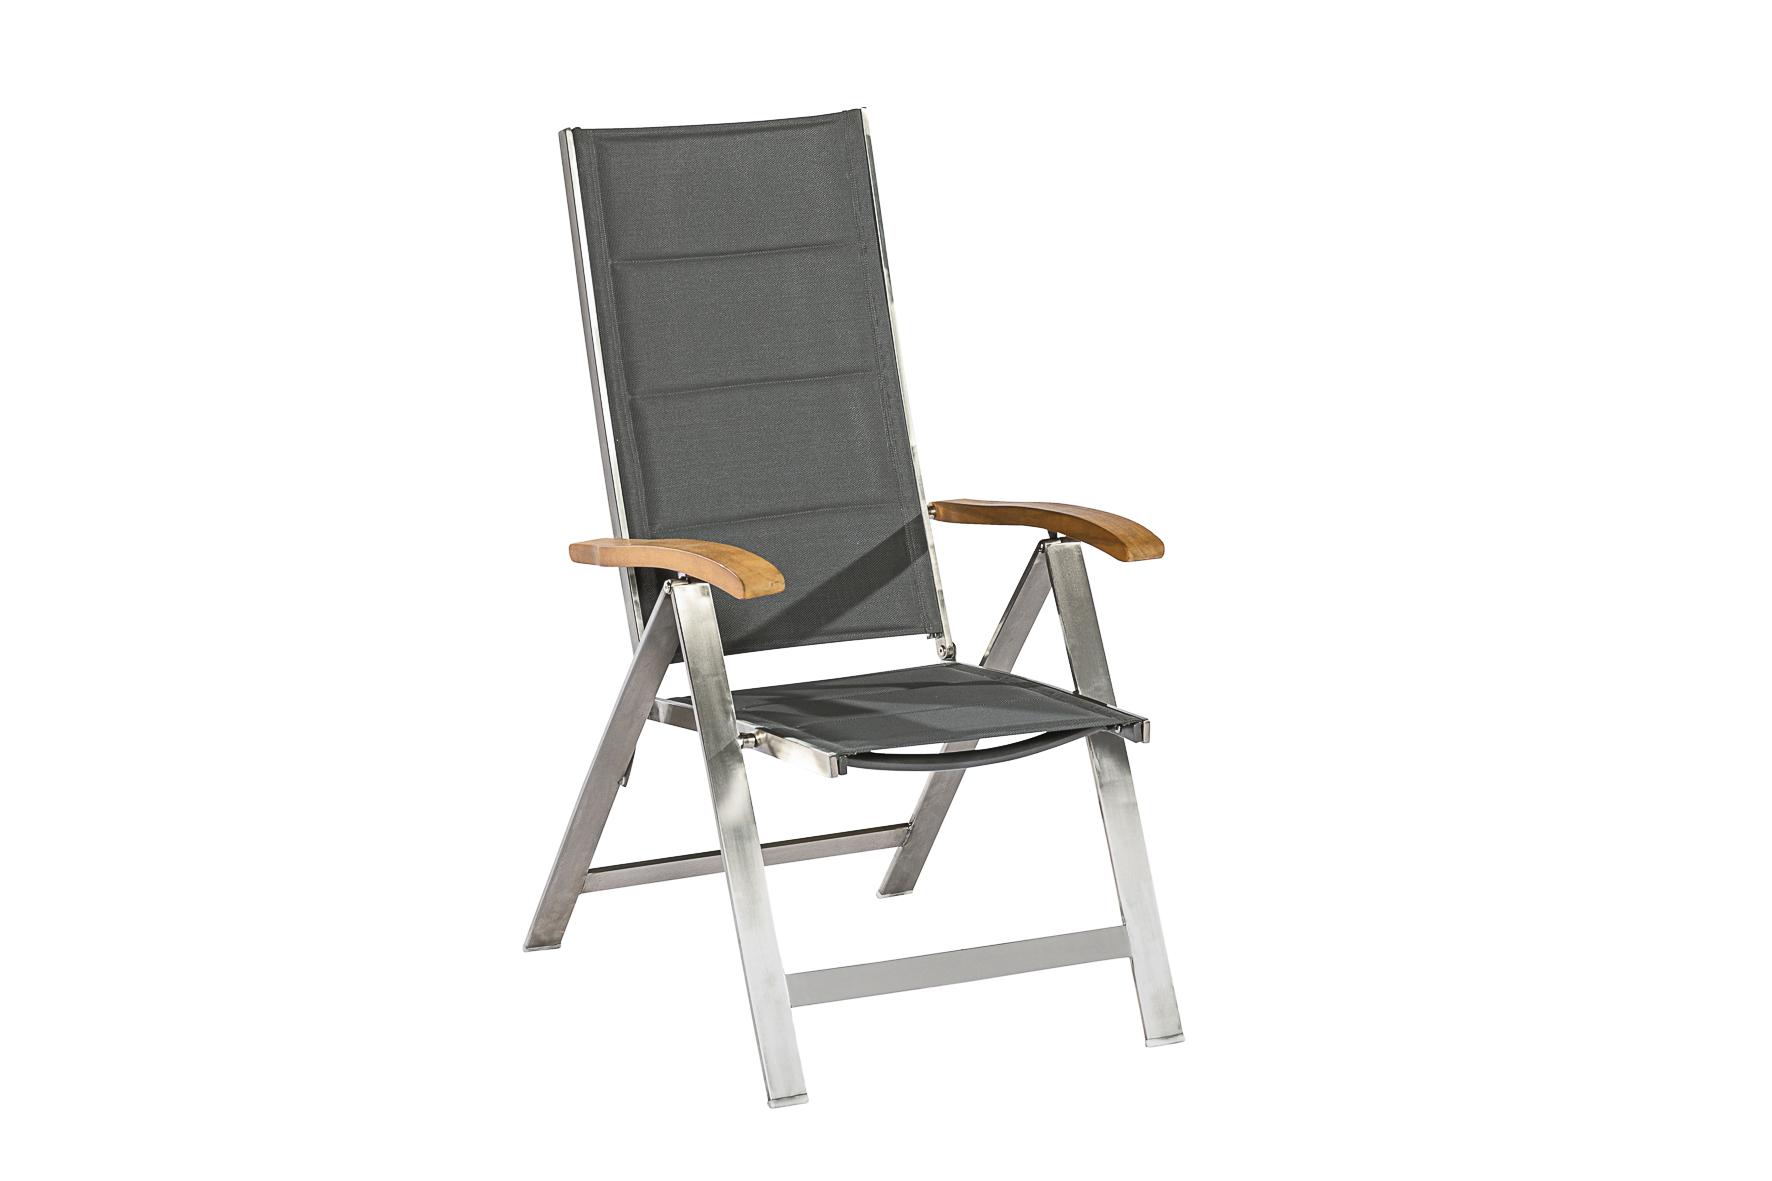 Klappsessel FERRARA Hochlehner, Edelstahl glänzend + Textilgewebe grau + Akazie